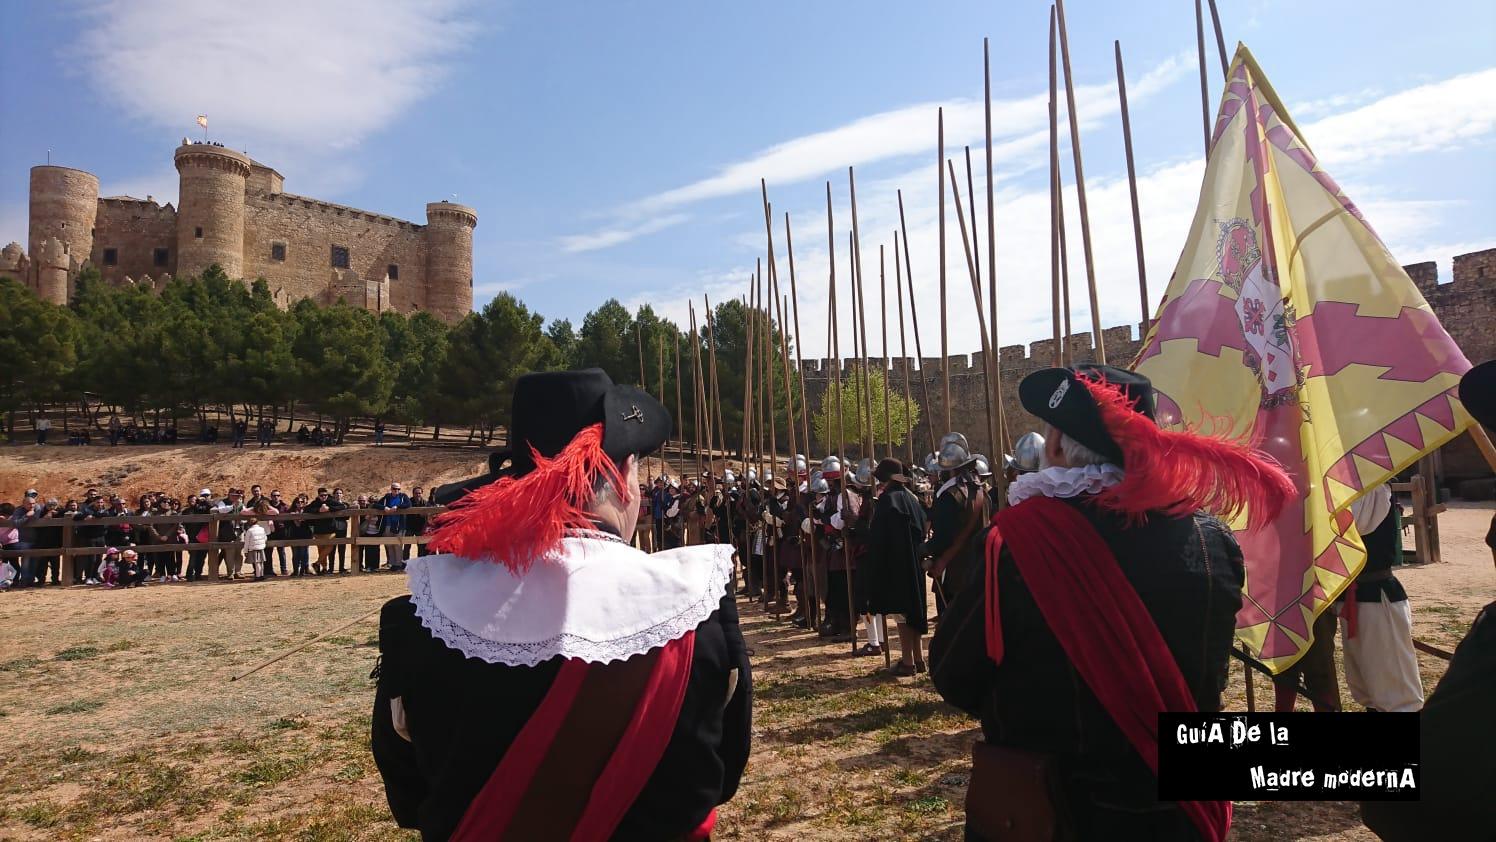 Tercios de España del siglo XVIII en el Castillo de Belmonte. Cuenca. ©José Ramón Aguirre